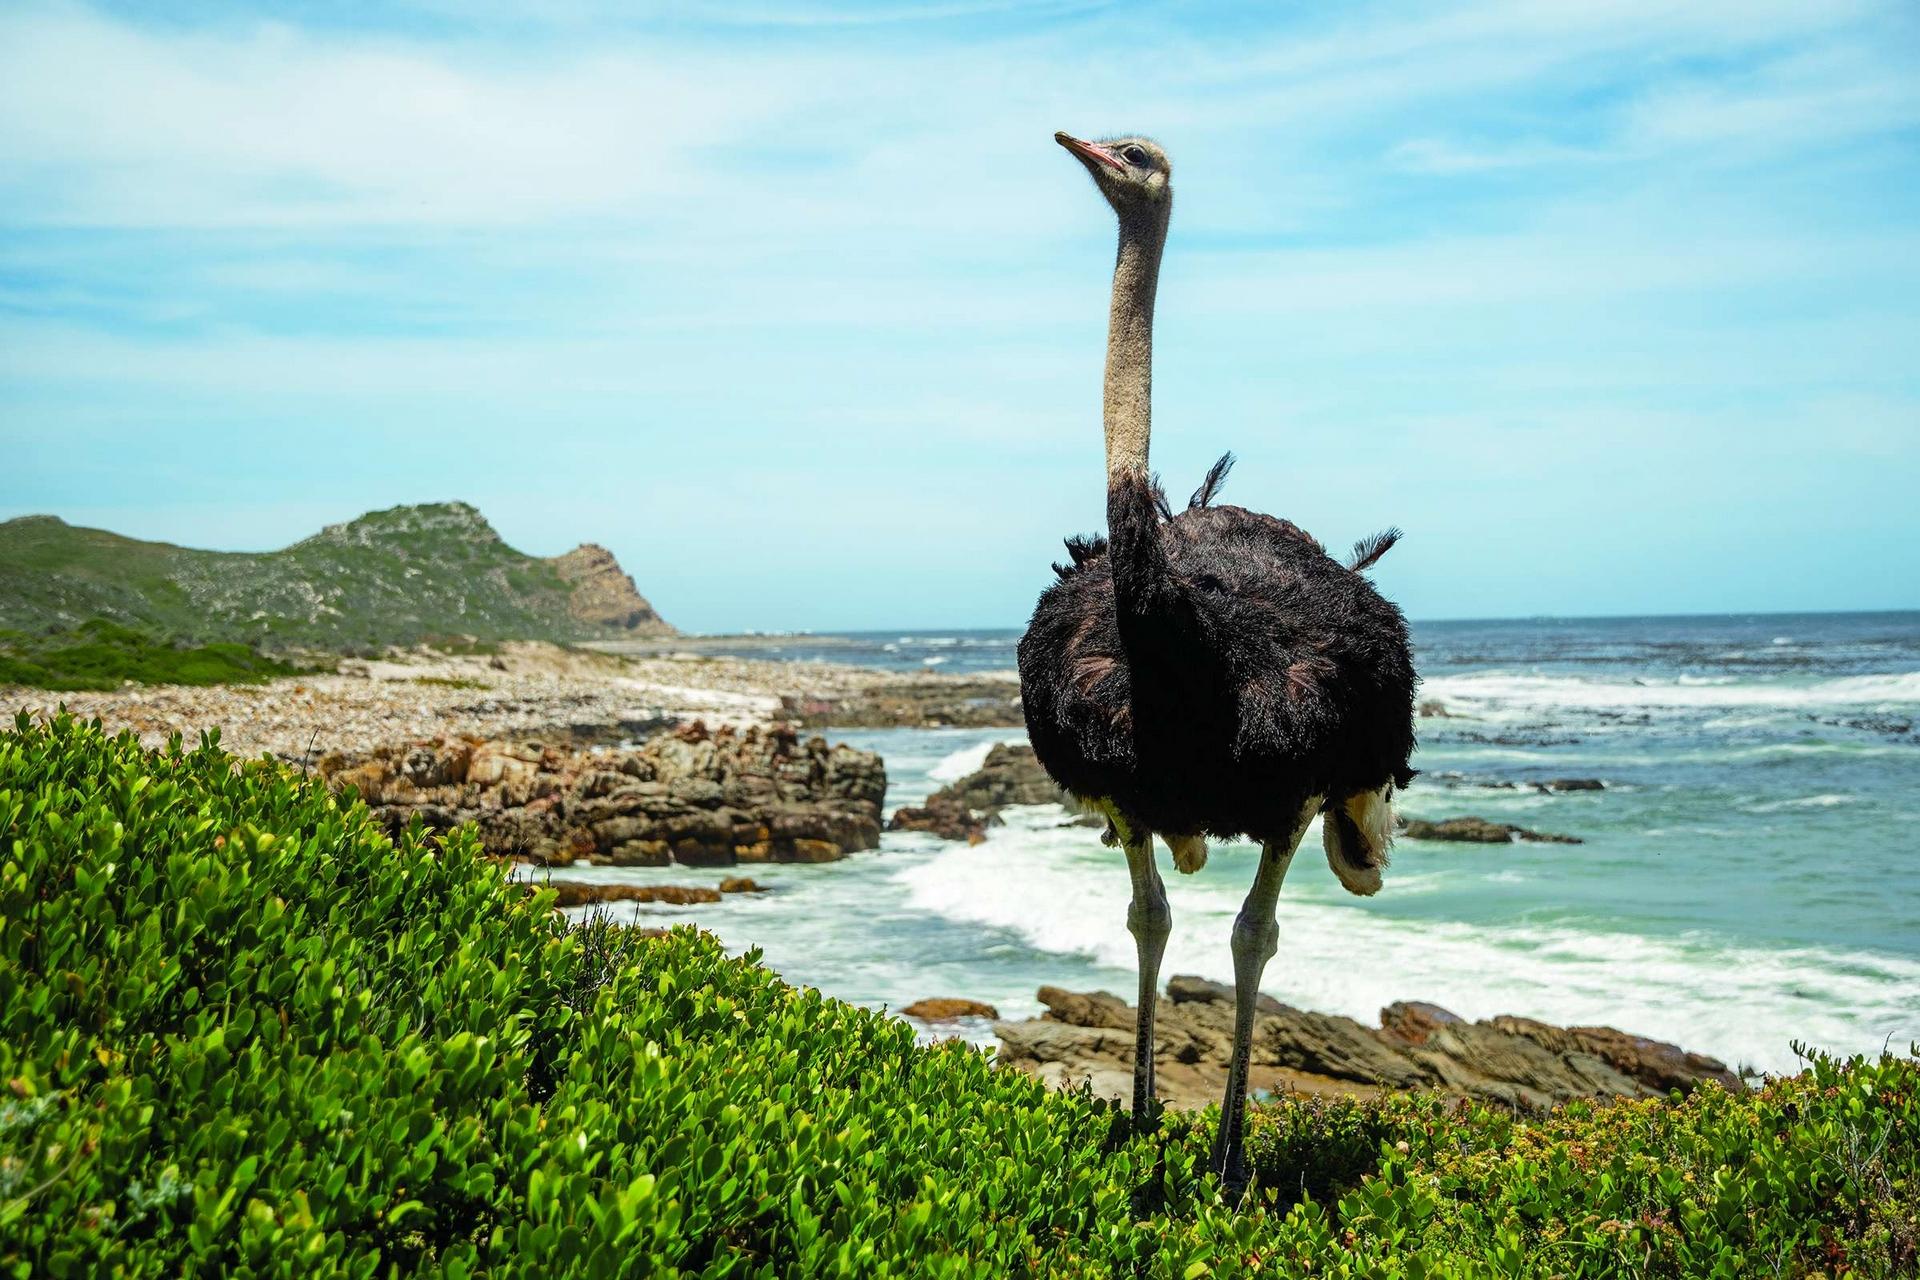 一隻公鴕鳥昂首站在非洲的南端,環顧好望角附近的海岸。這種地球上最大的鳥類可以長到2.75公尺高和135公斤重,多數人對牠們的印象都是瘦長且滑稽──但是這種鳥可不是敵人容易下手的目標。Photo by KLAUS NIGGE(克勞斯.尼格)